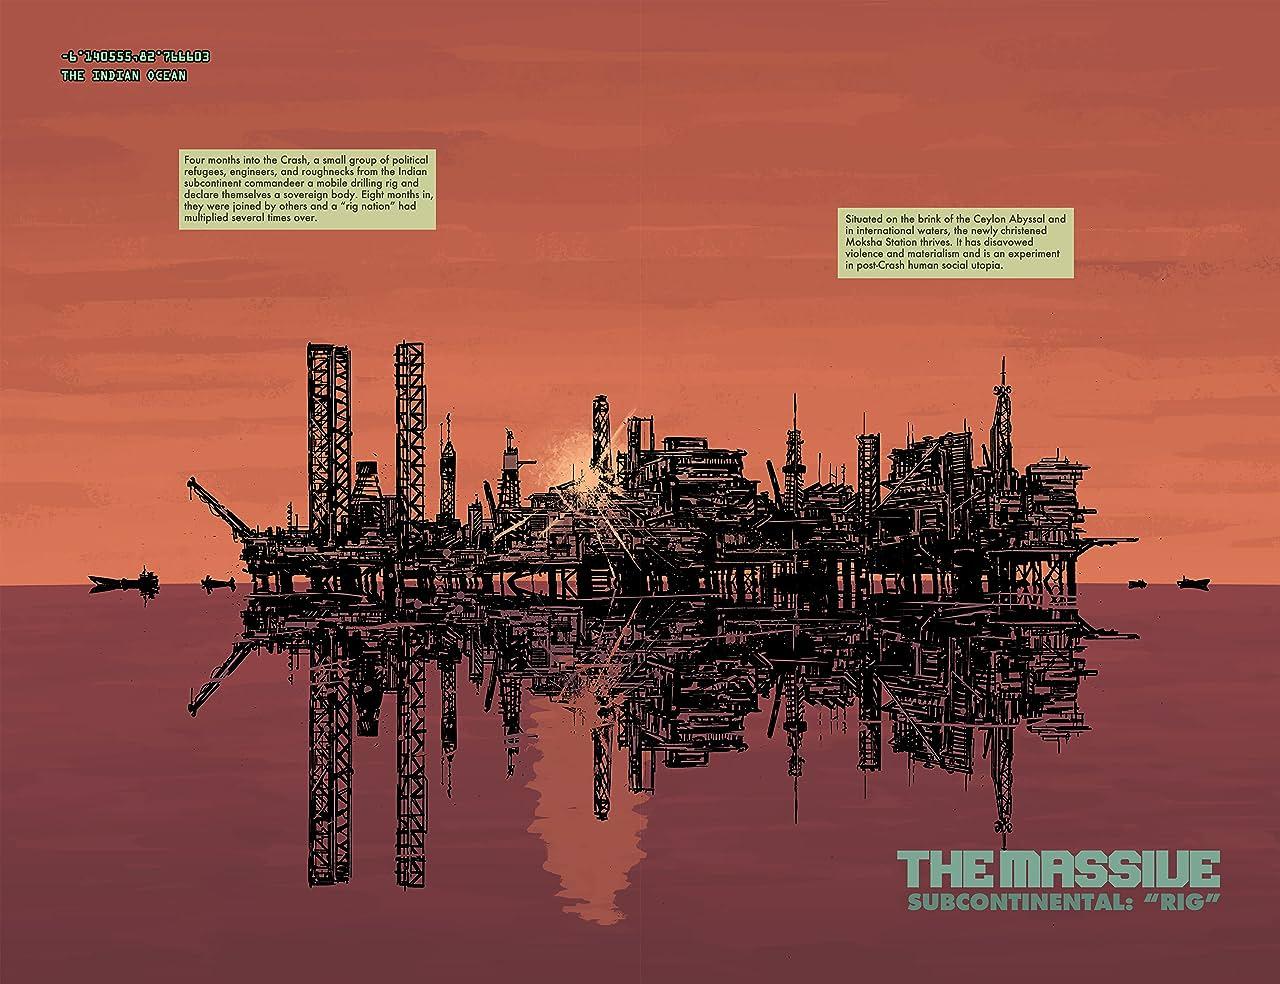 The Massive #7